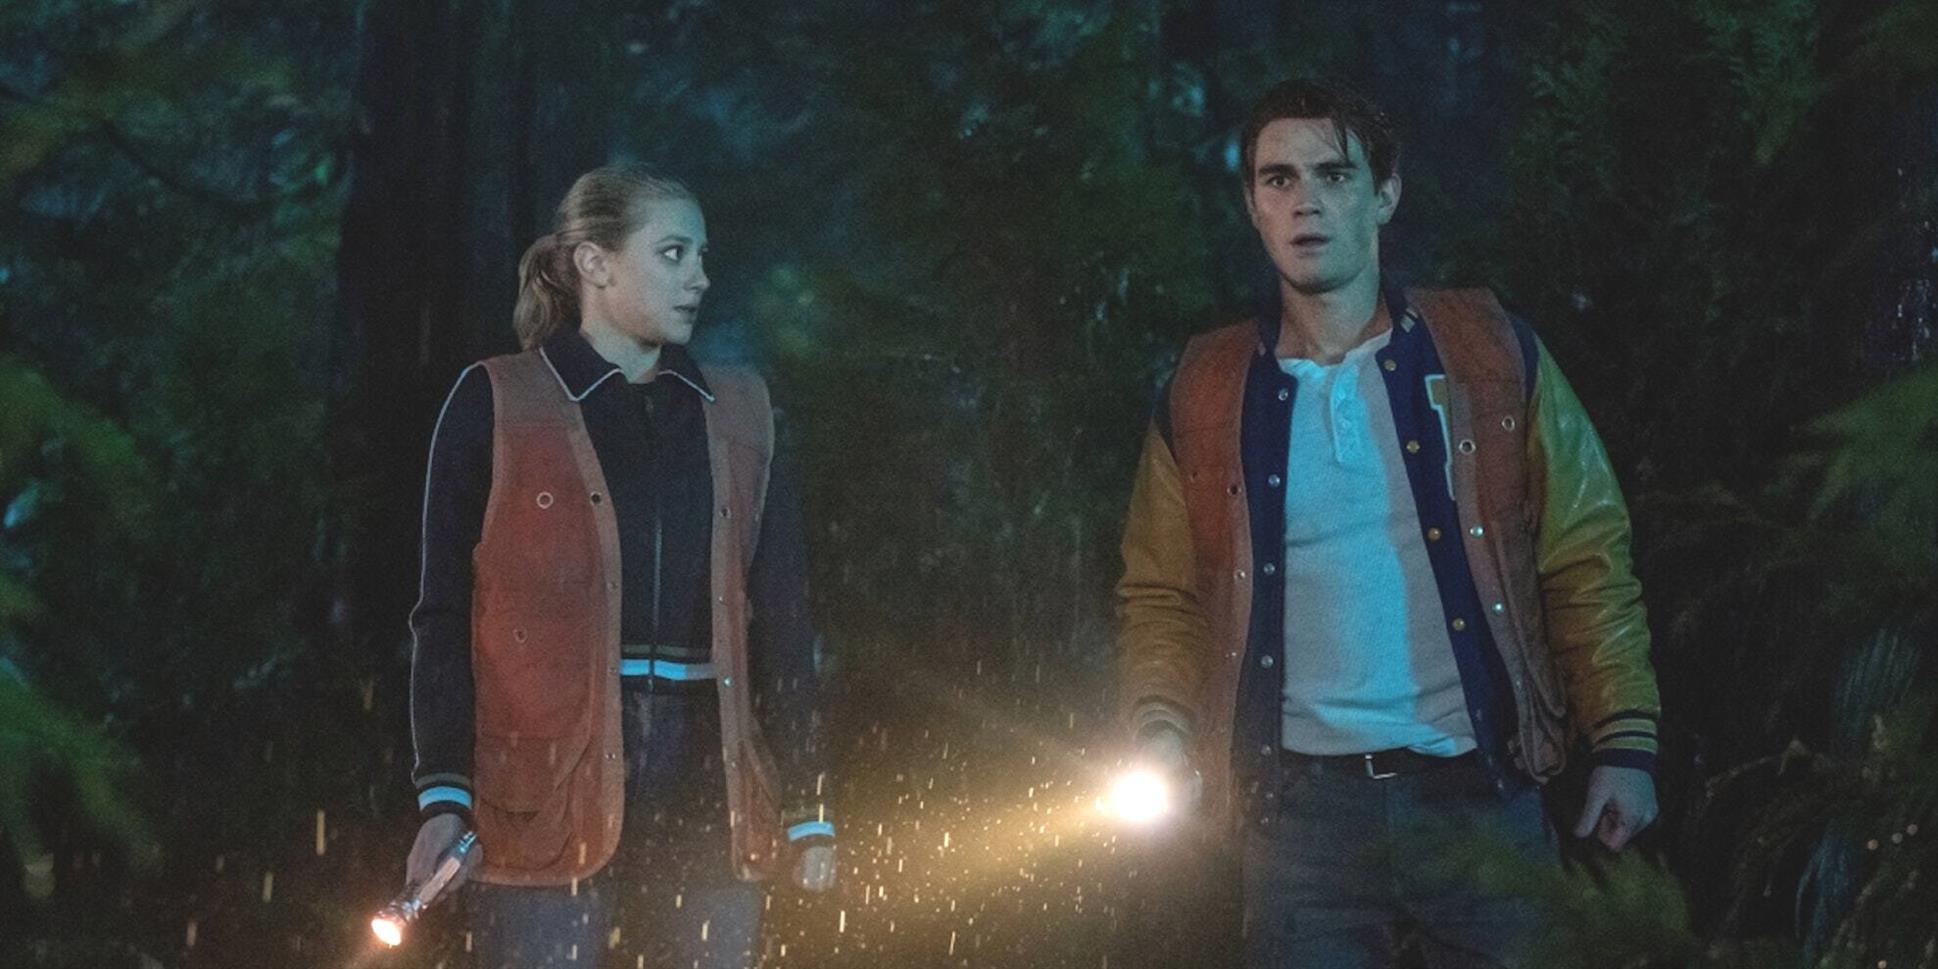 Riverdale Saison 4 Episode 14 Chapitre soixante et onze Comment GLHOB 3 5